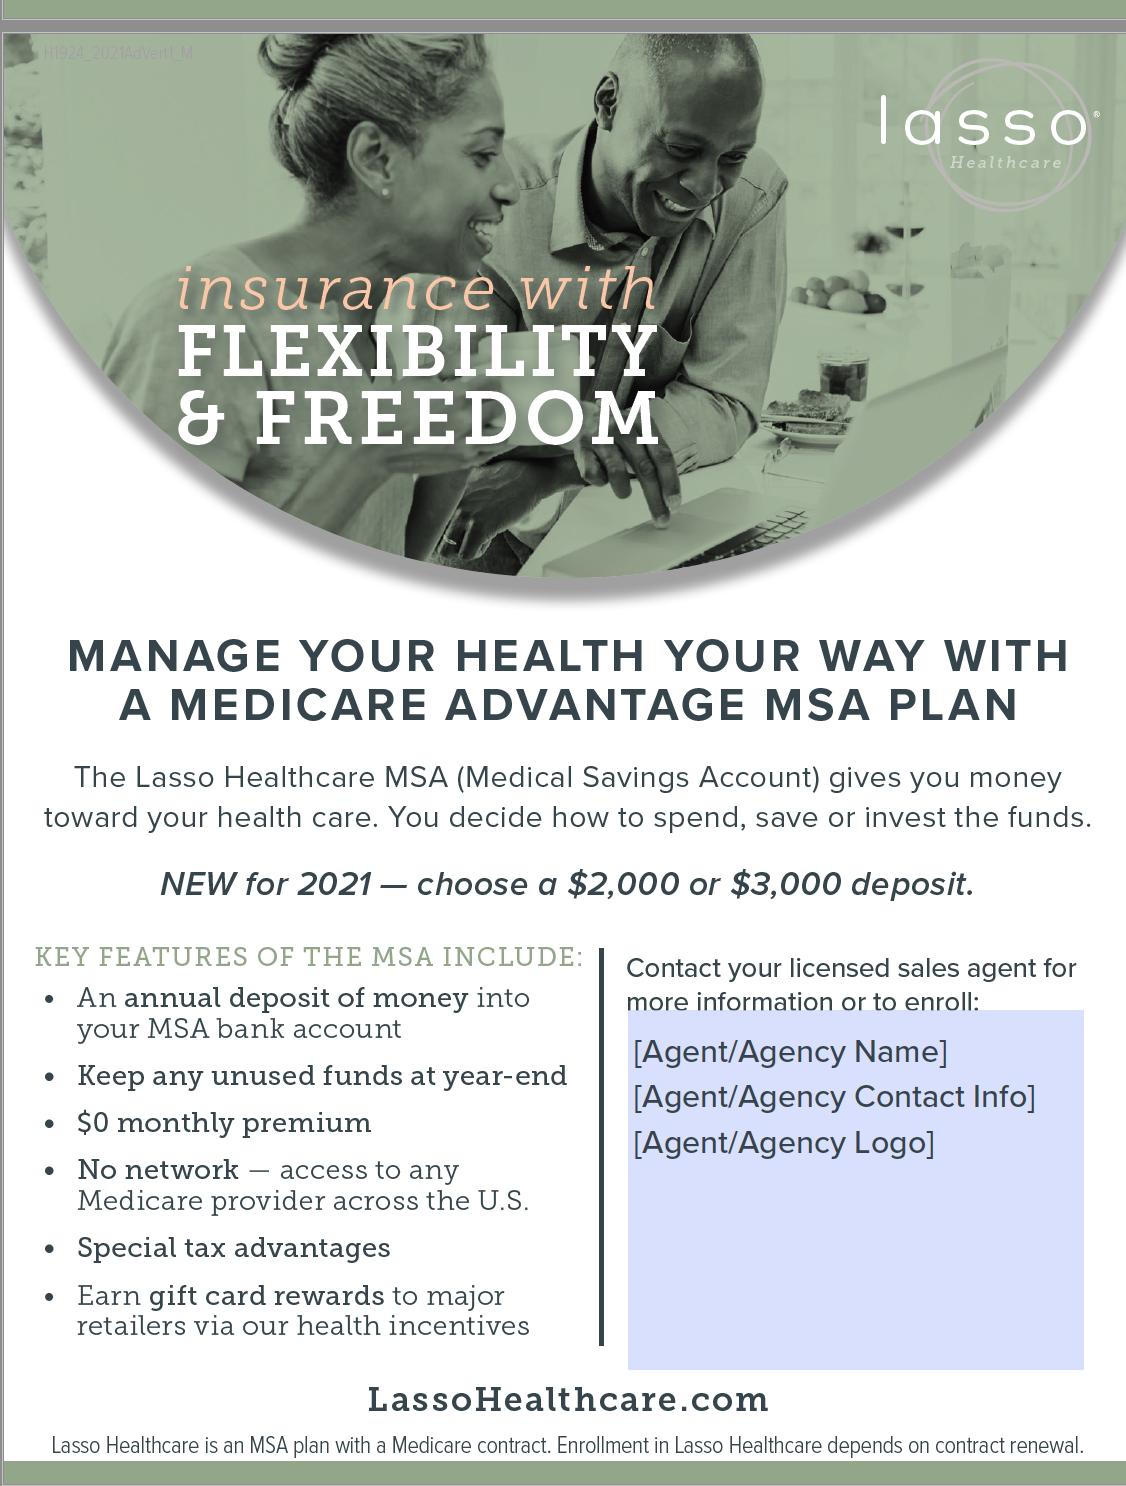 lasso-healthcare-msa-2021-print-ad-example-2